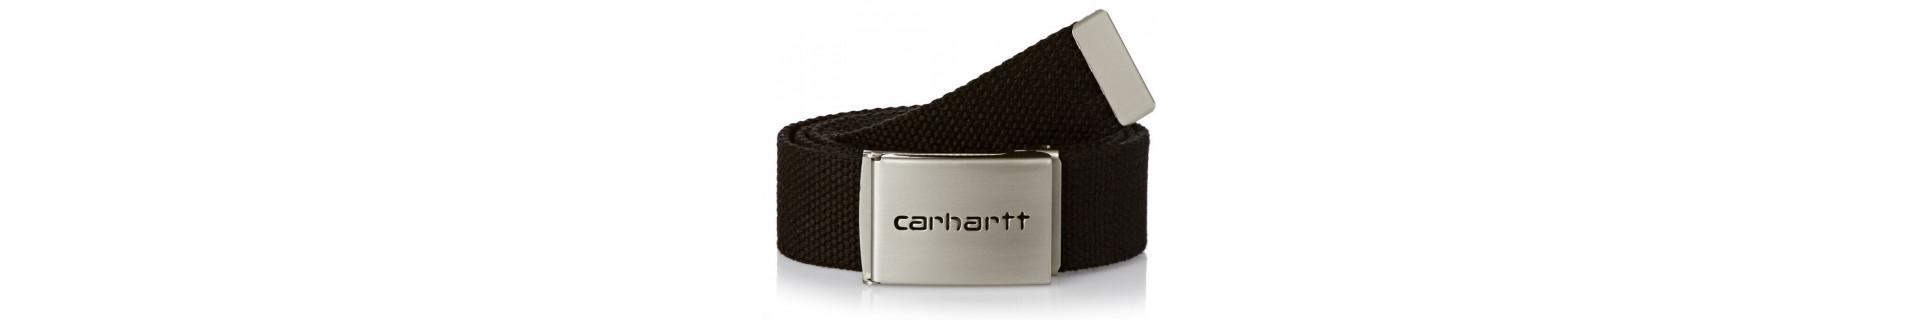 Cinturones Carhartt